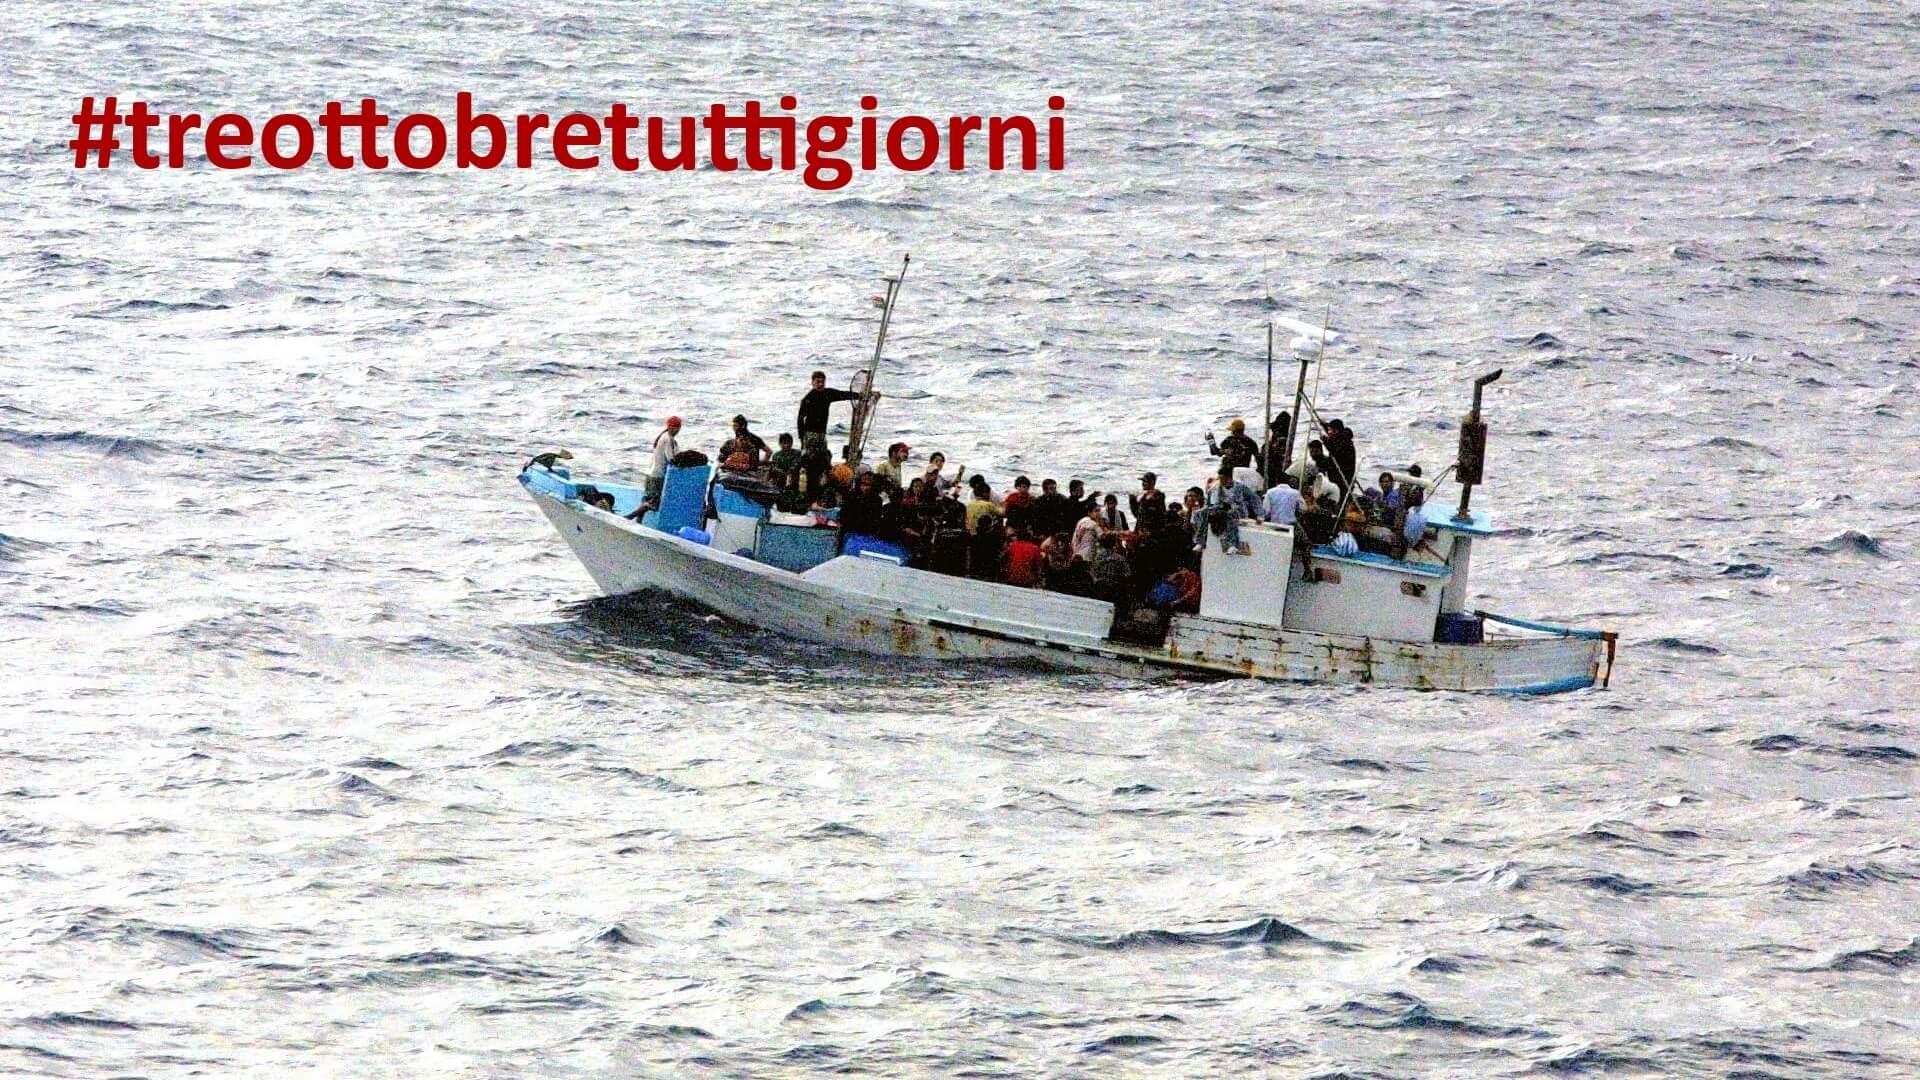 Permalink to: Il naufragio del diritto internazionale: ancora vittime per abbandono nel Mediterraneo centrale